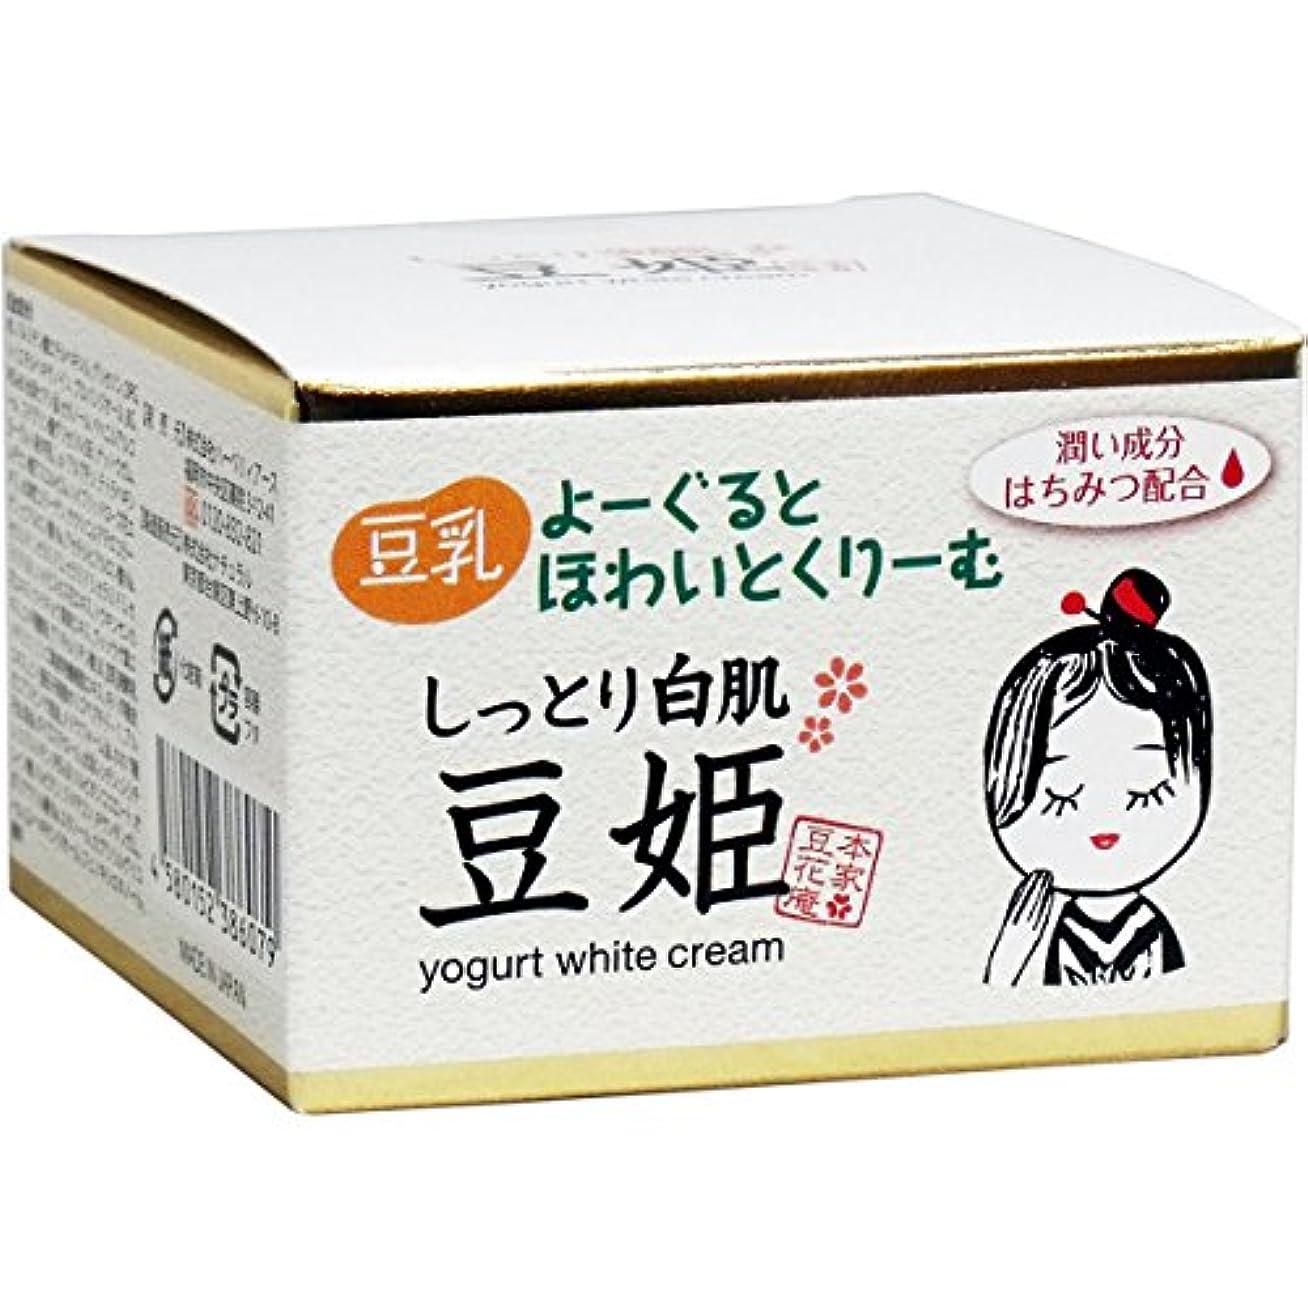 ナンセンスにぎやか適合しました豆乳ヨーグルトホワイトクリーム (TYホワイトジェルクリーム 90g)